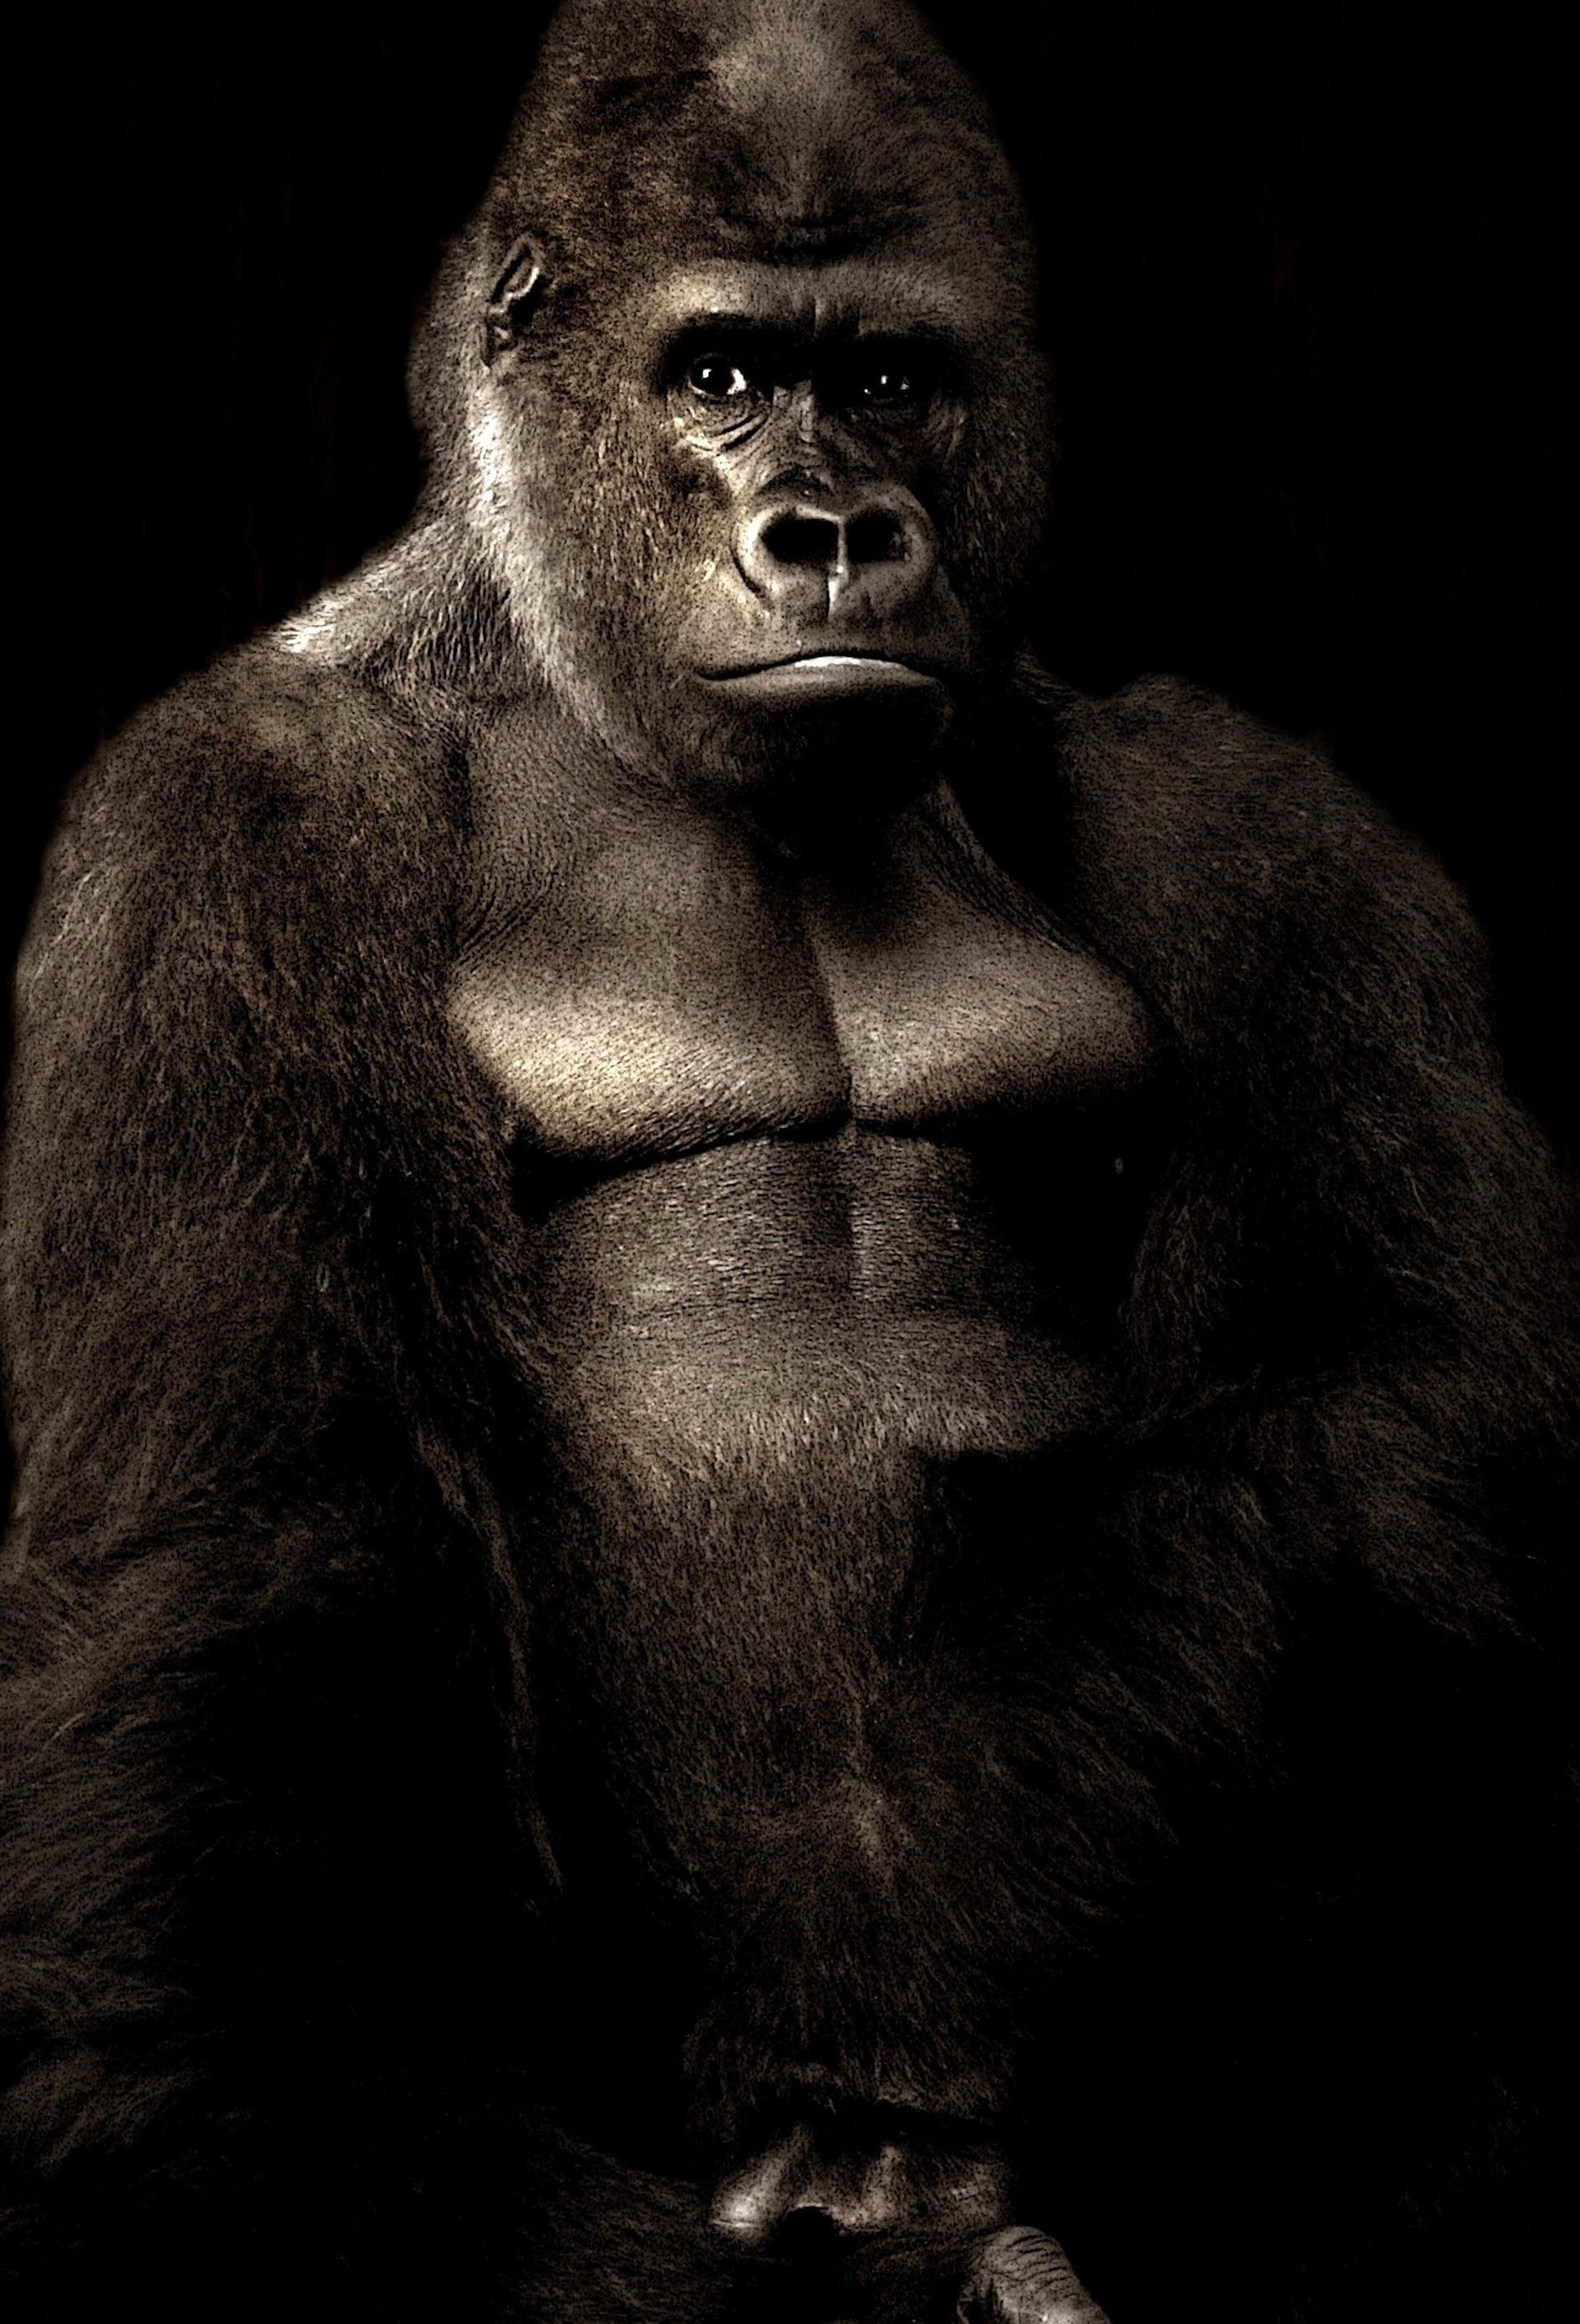 Wallpaper Hd Portrait Orientation Image Libre Singe Gorille Noir